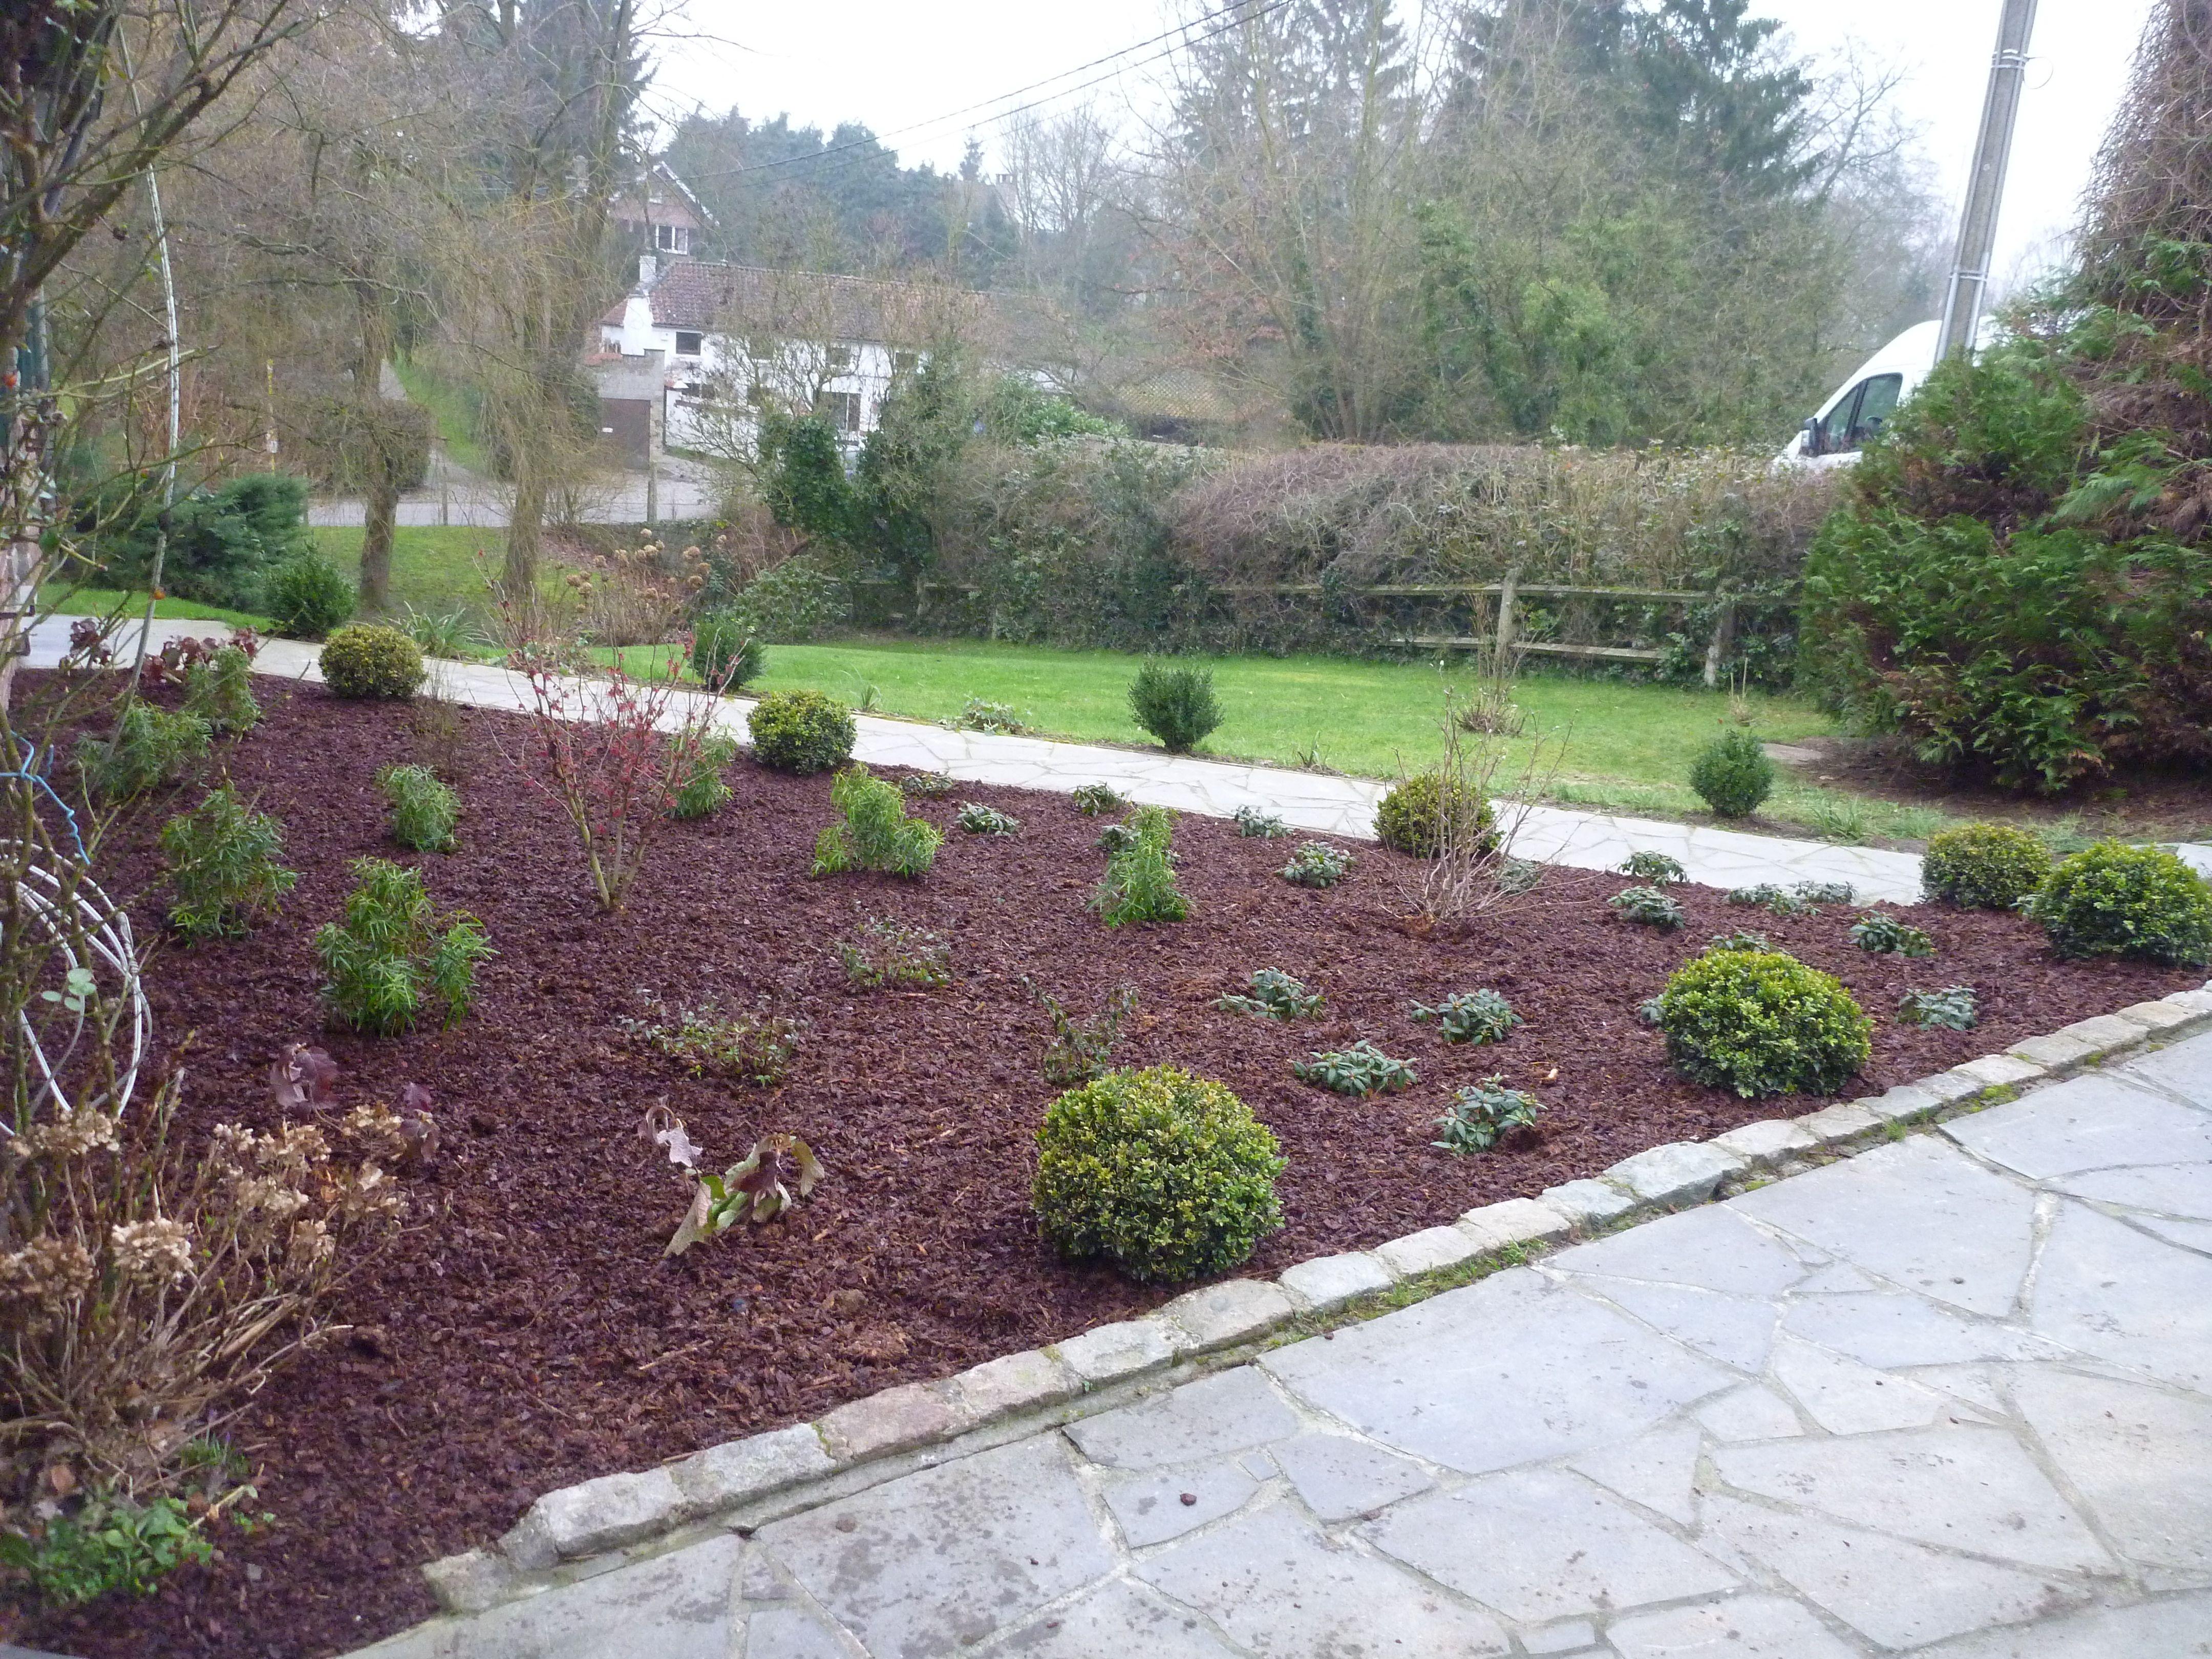 489a8bcba42bc60ada24006ae4e45202 Unique De Amenagement Jardin Paysager Des Idées